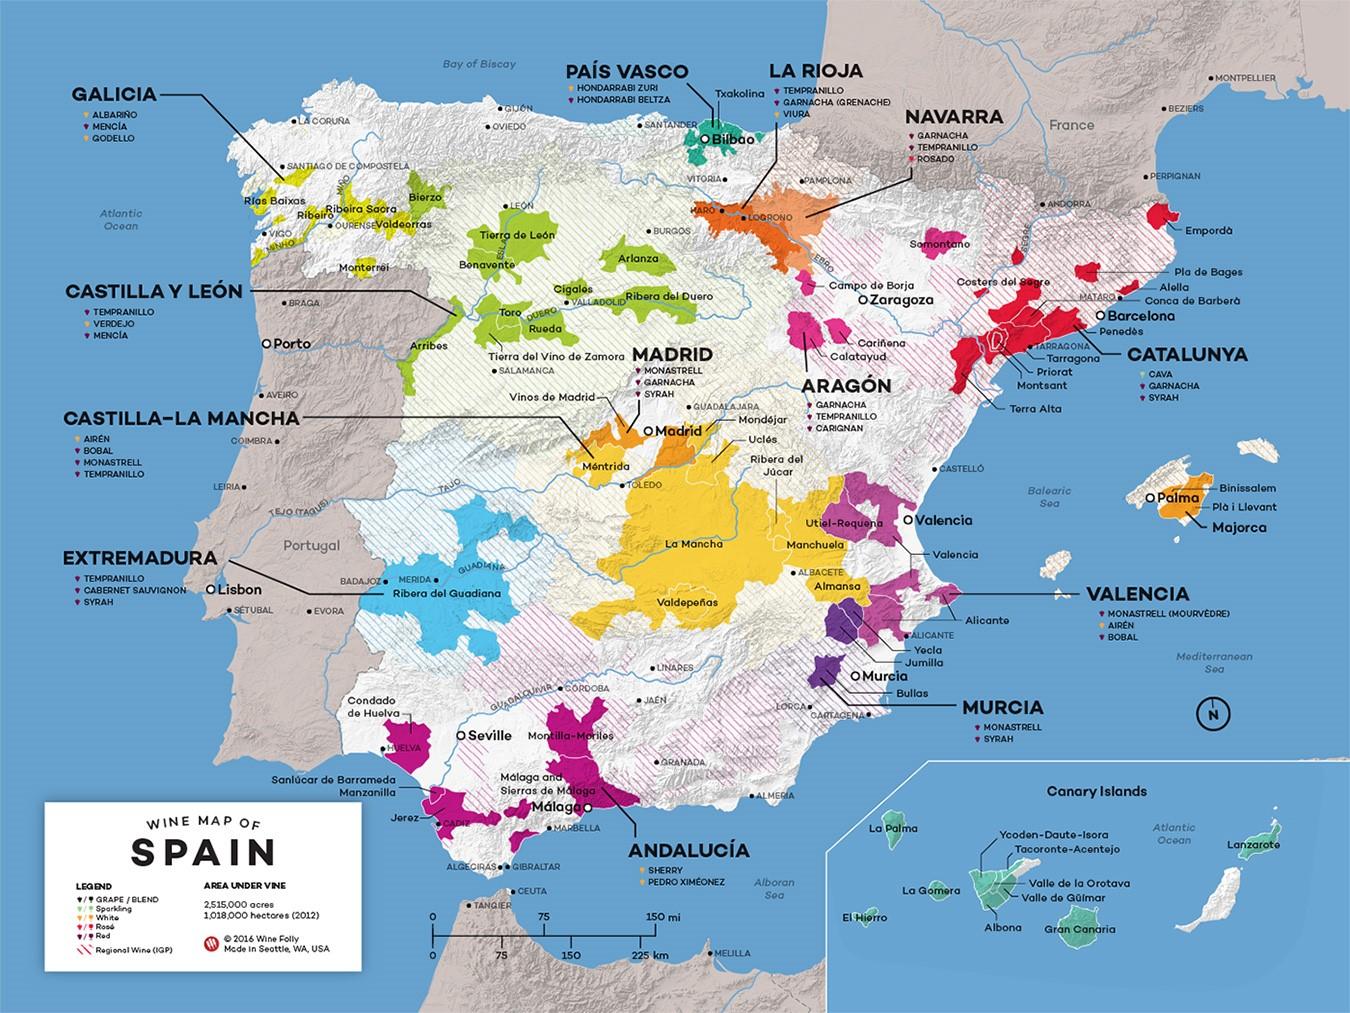 Map Of Spain's Wine regions by Wine Folly